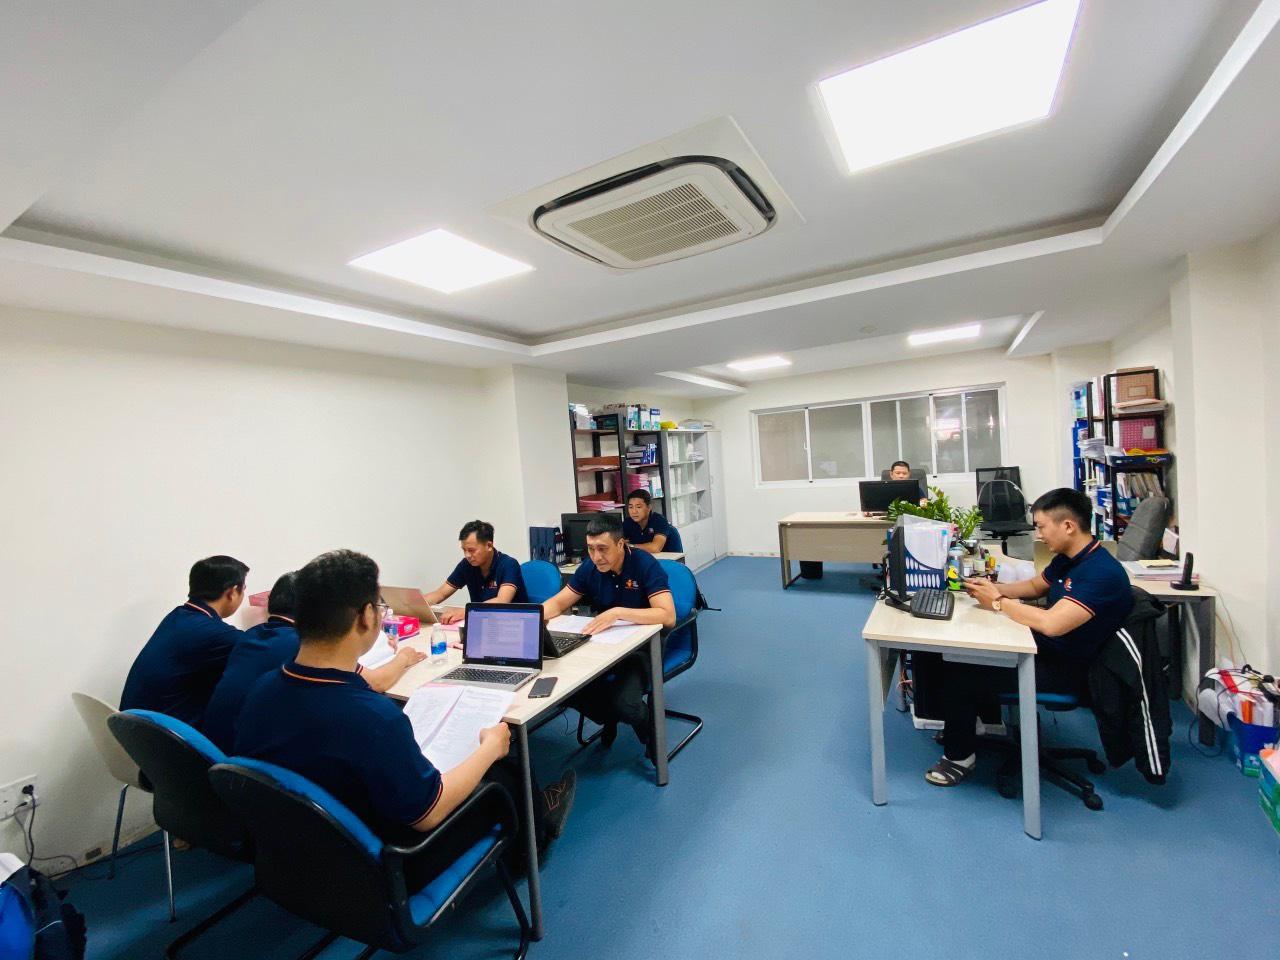 Công Ty TNHH Thương Mại Dịch Vụ Xuất Nhập Khẩu Nhật Minh Khánh với trên 10 năm kinh nghiệm trong lĩnh vực xuất nhập khẩu